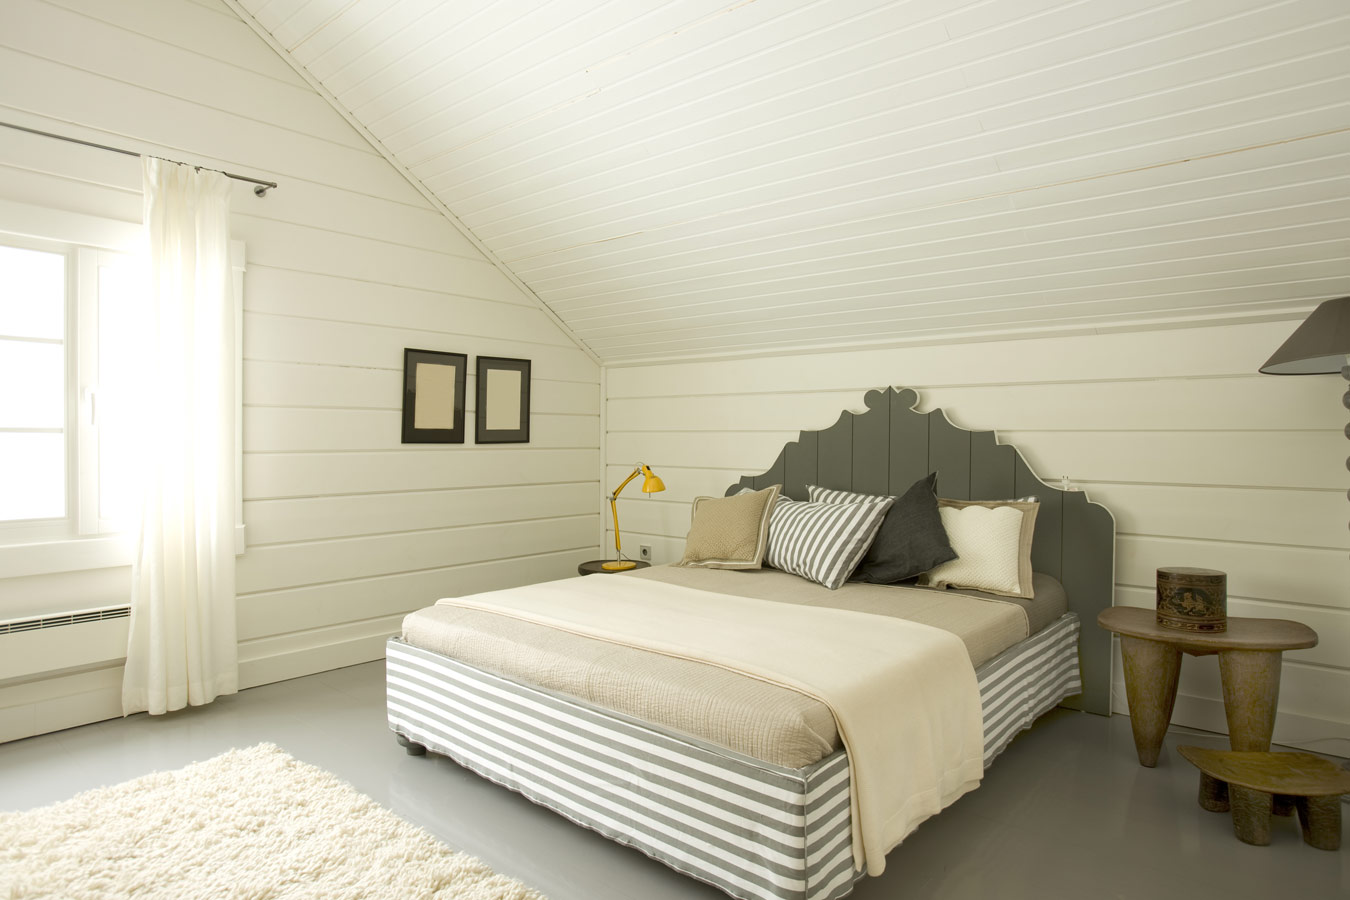 Landelijke slaapkamer idee n inspiratie - Designer slaapkamer ...